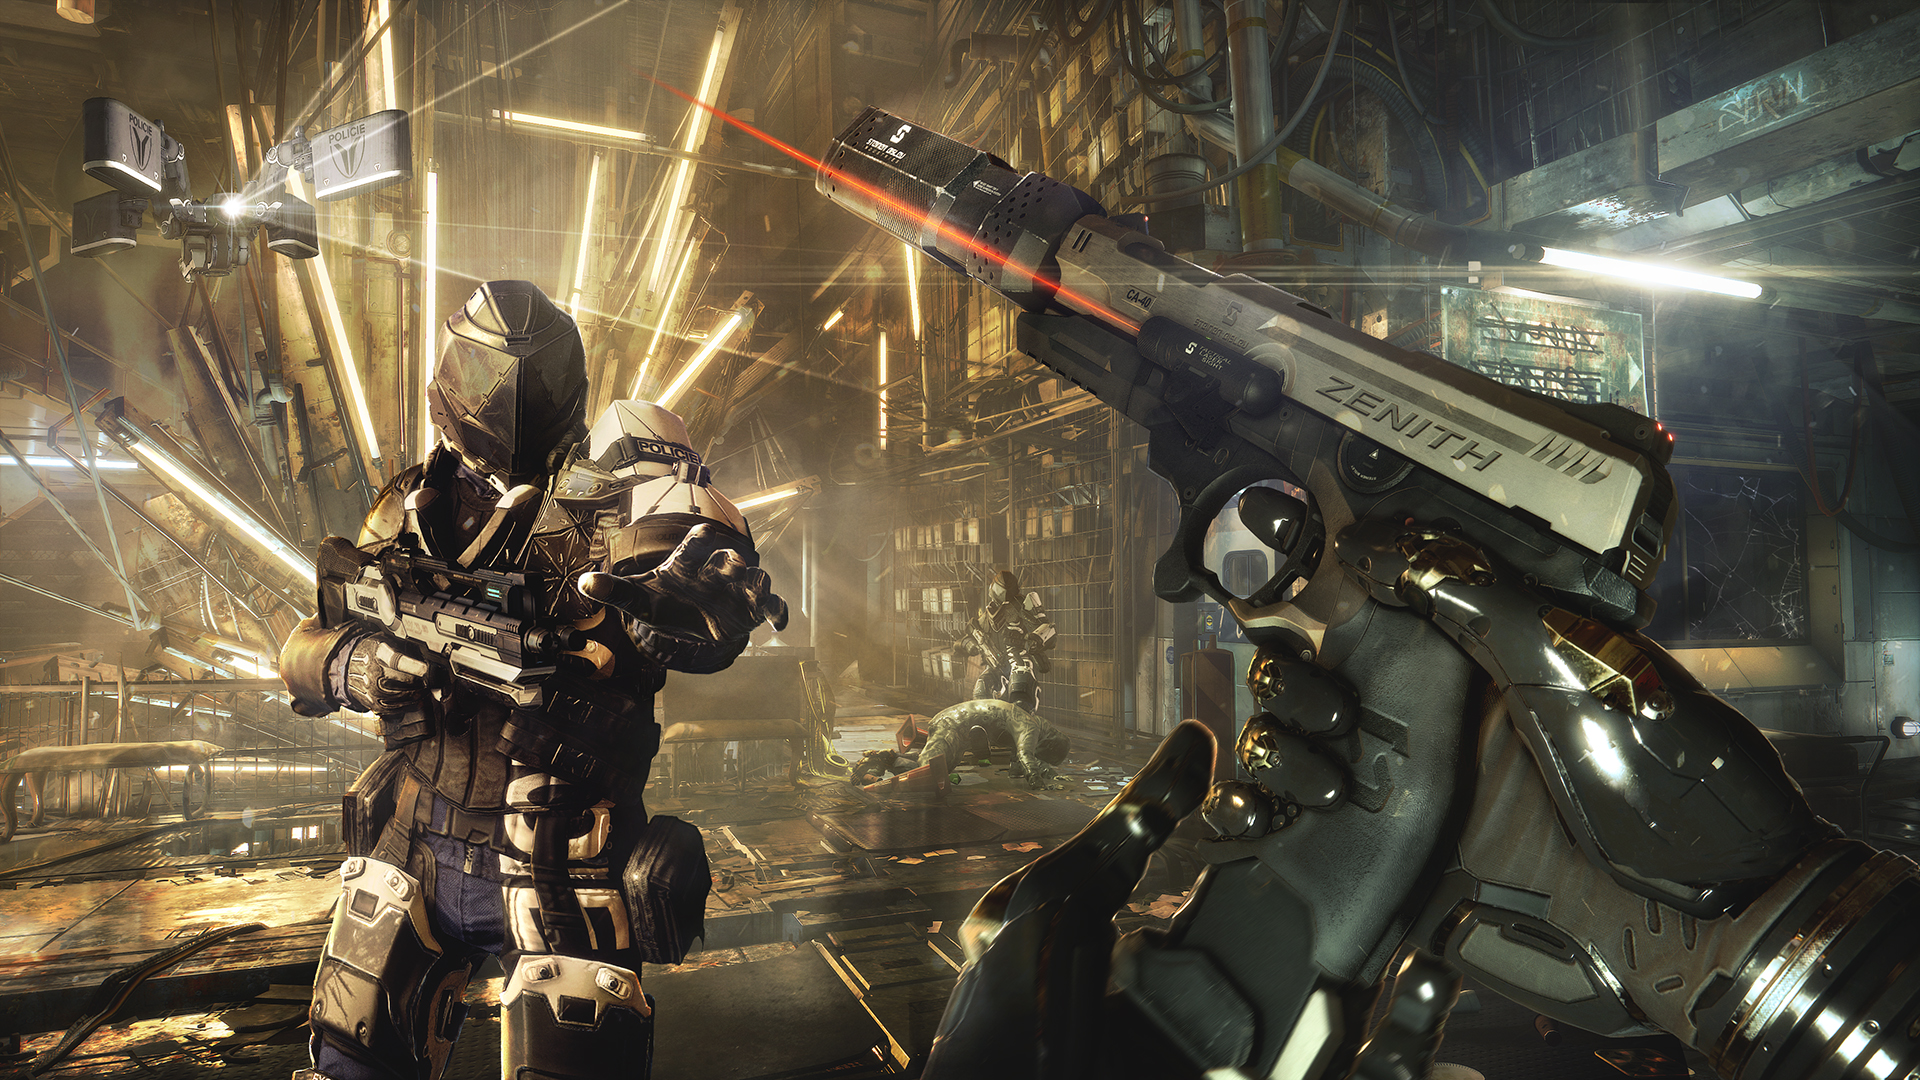 Množství obrazových materiálů z Deus Ex: Mankind Divided 111609